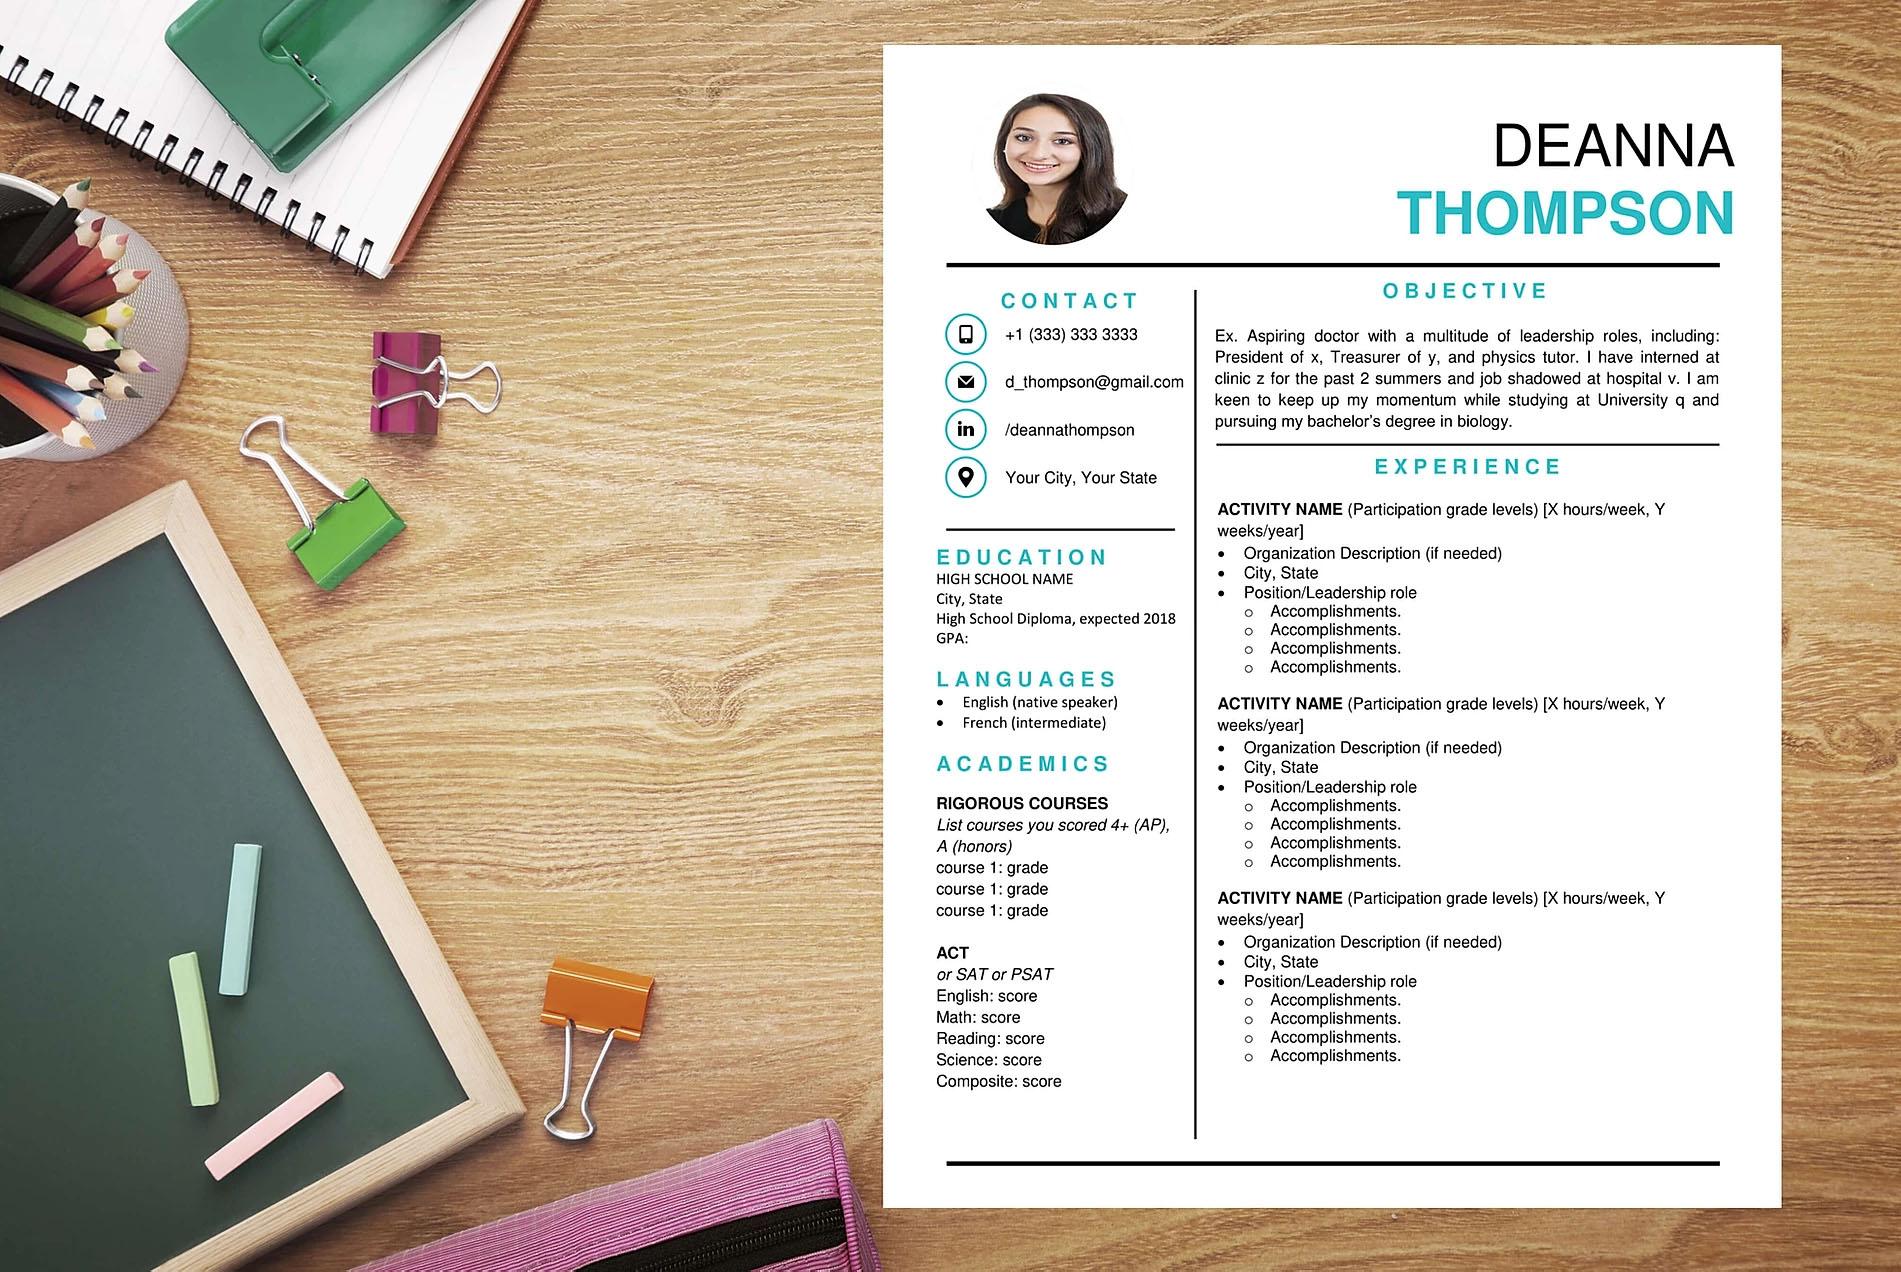 t1-resume-cover-letter-4